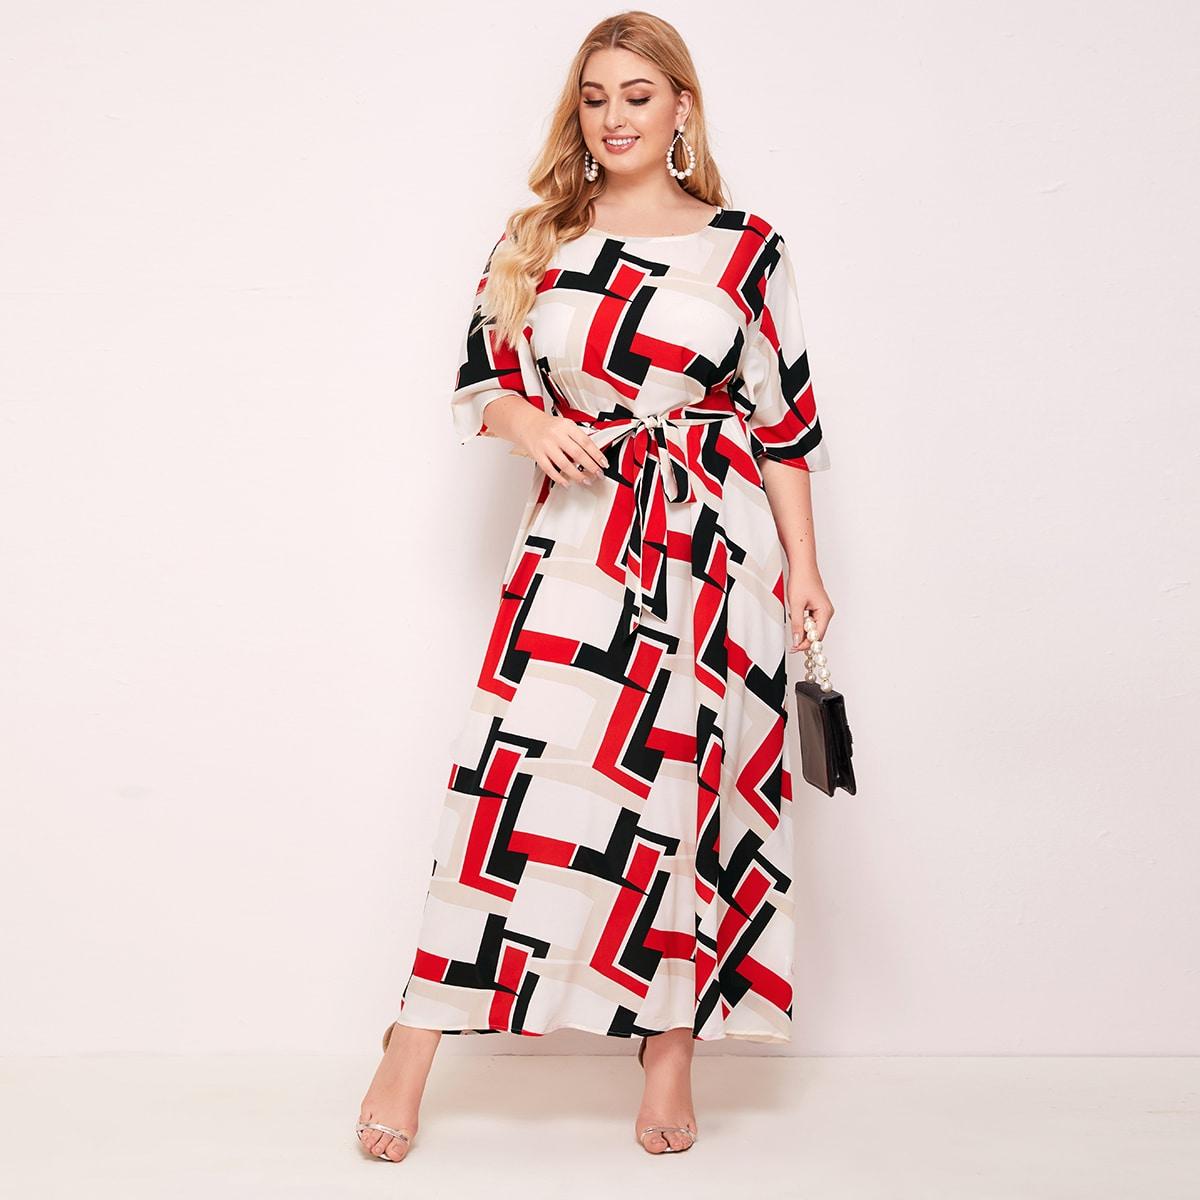 Платье с геометрическим принтом и поясом размера плюс фото